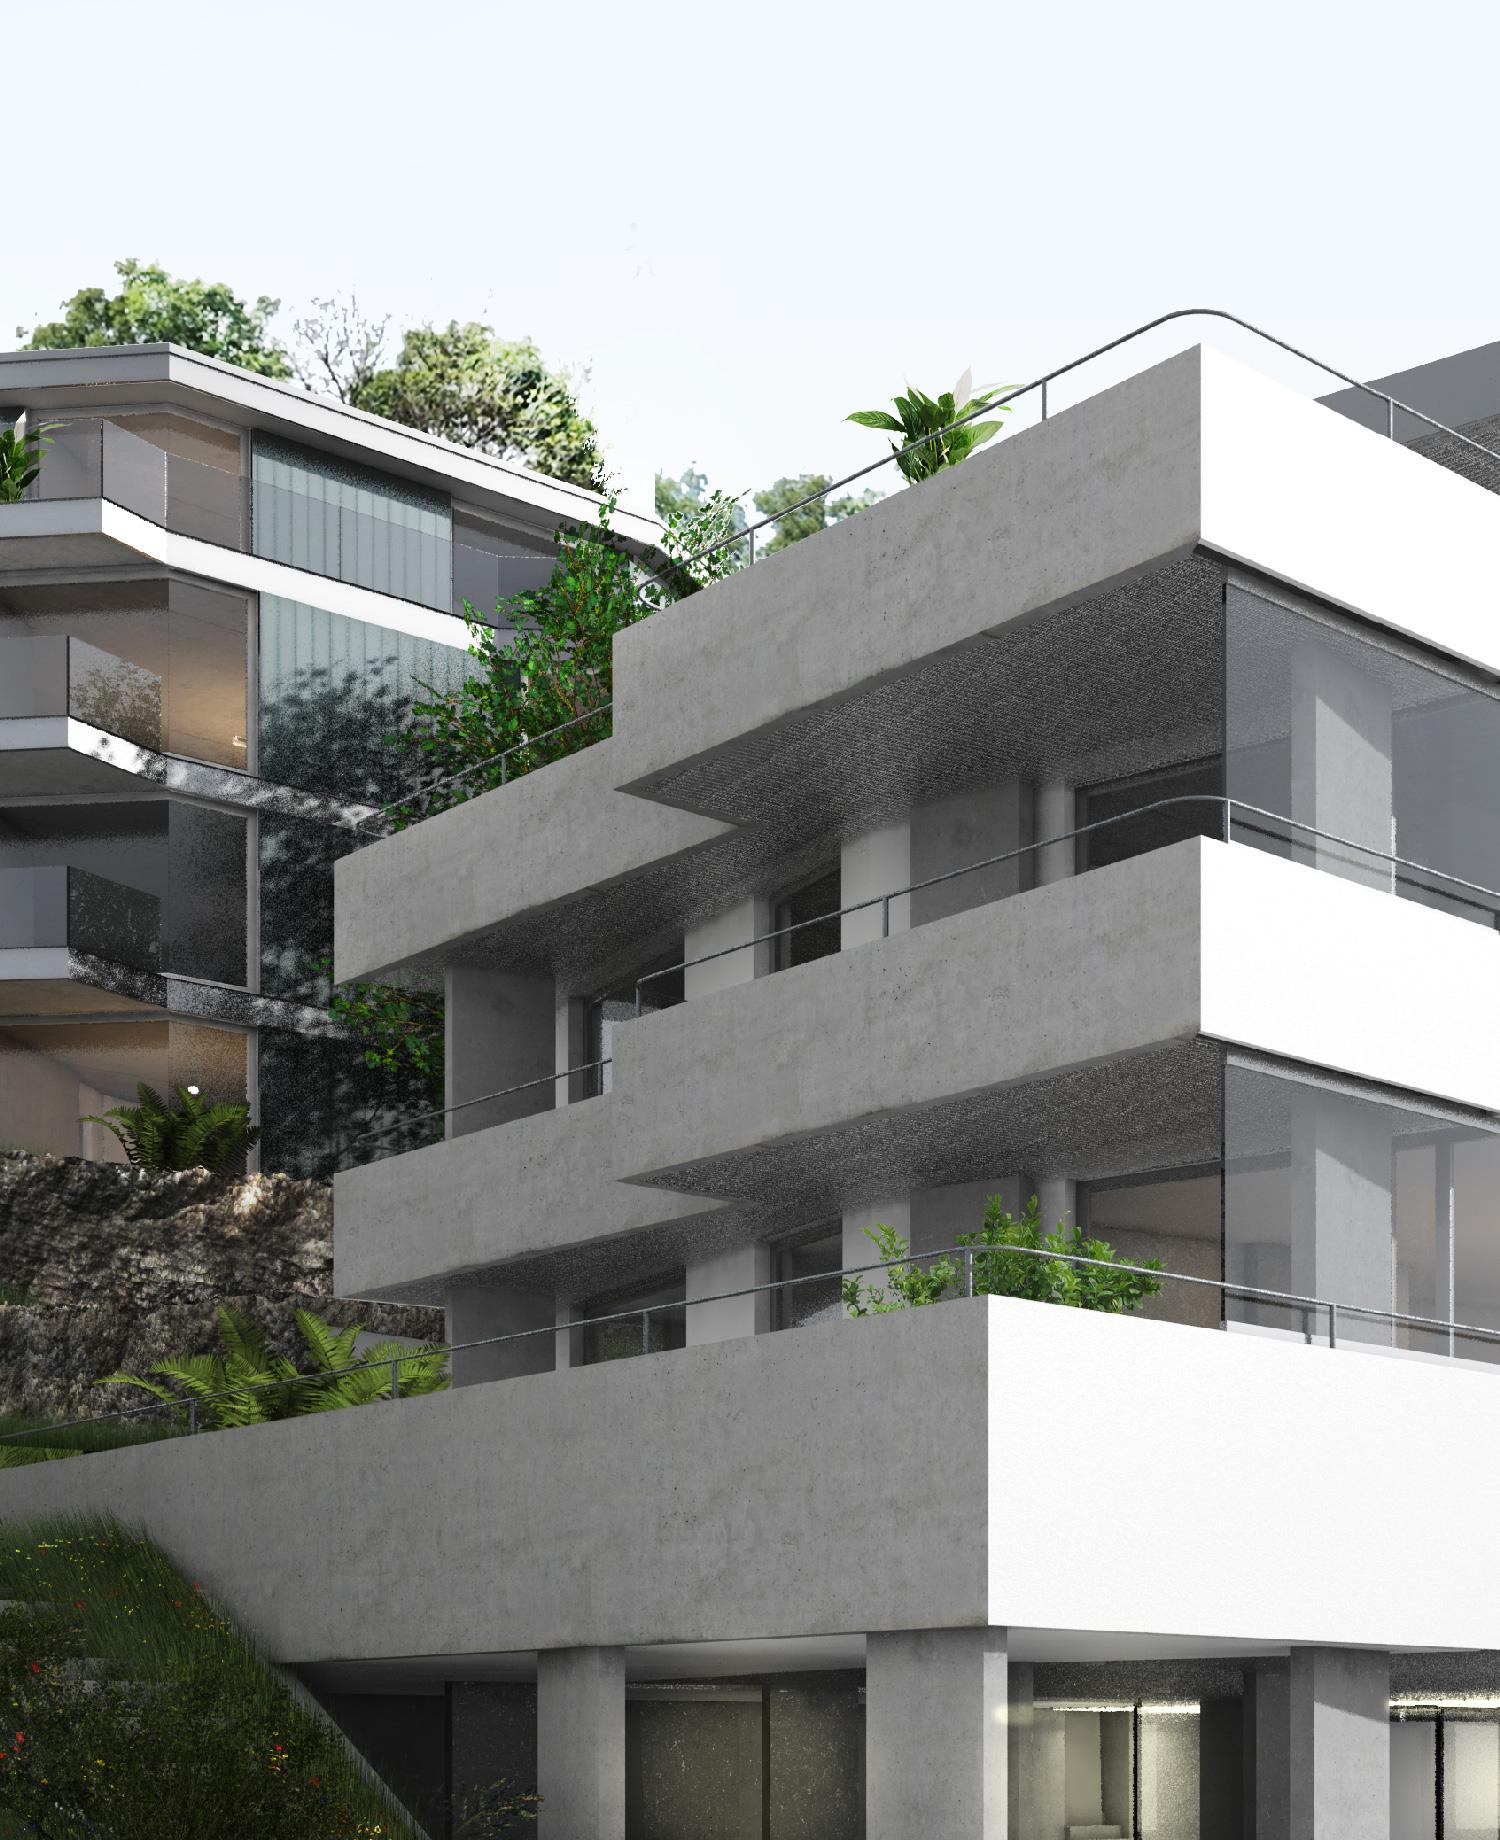 Terrassen des Haus Sued mit dem dahinterliegenden Haus Nord